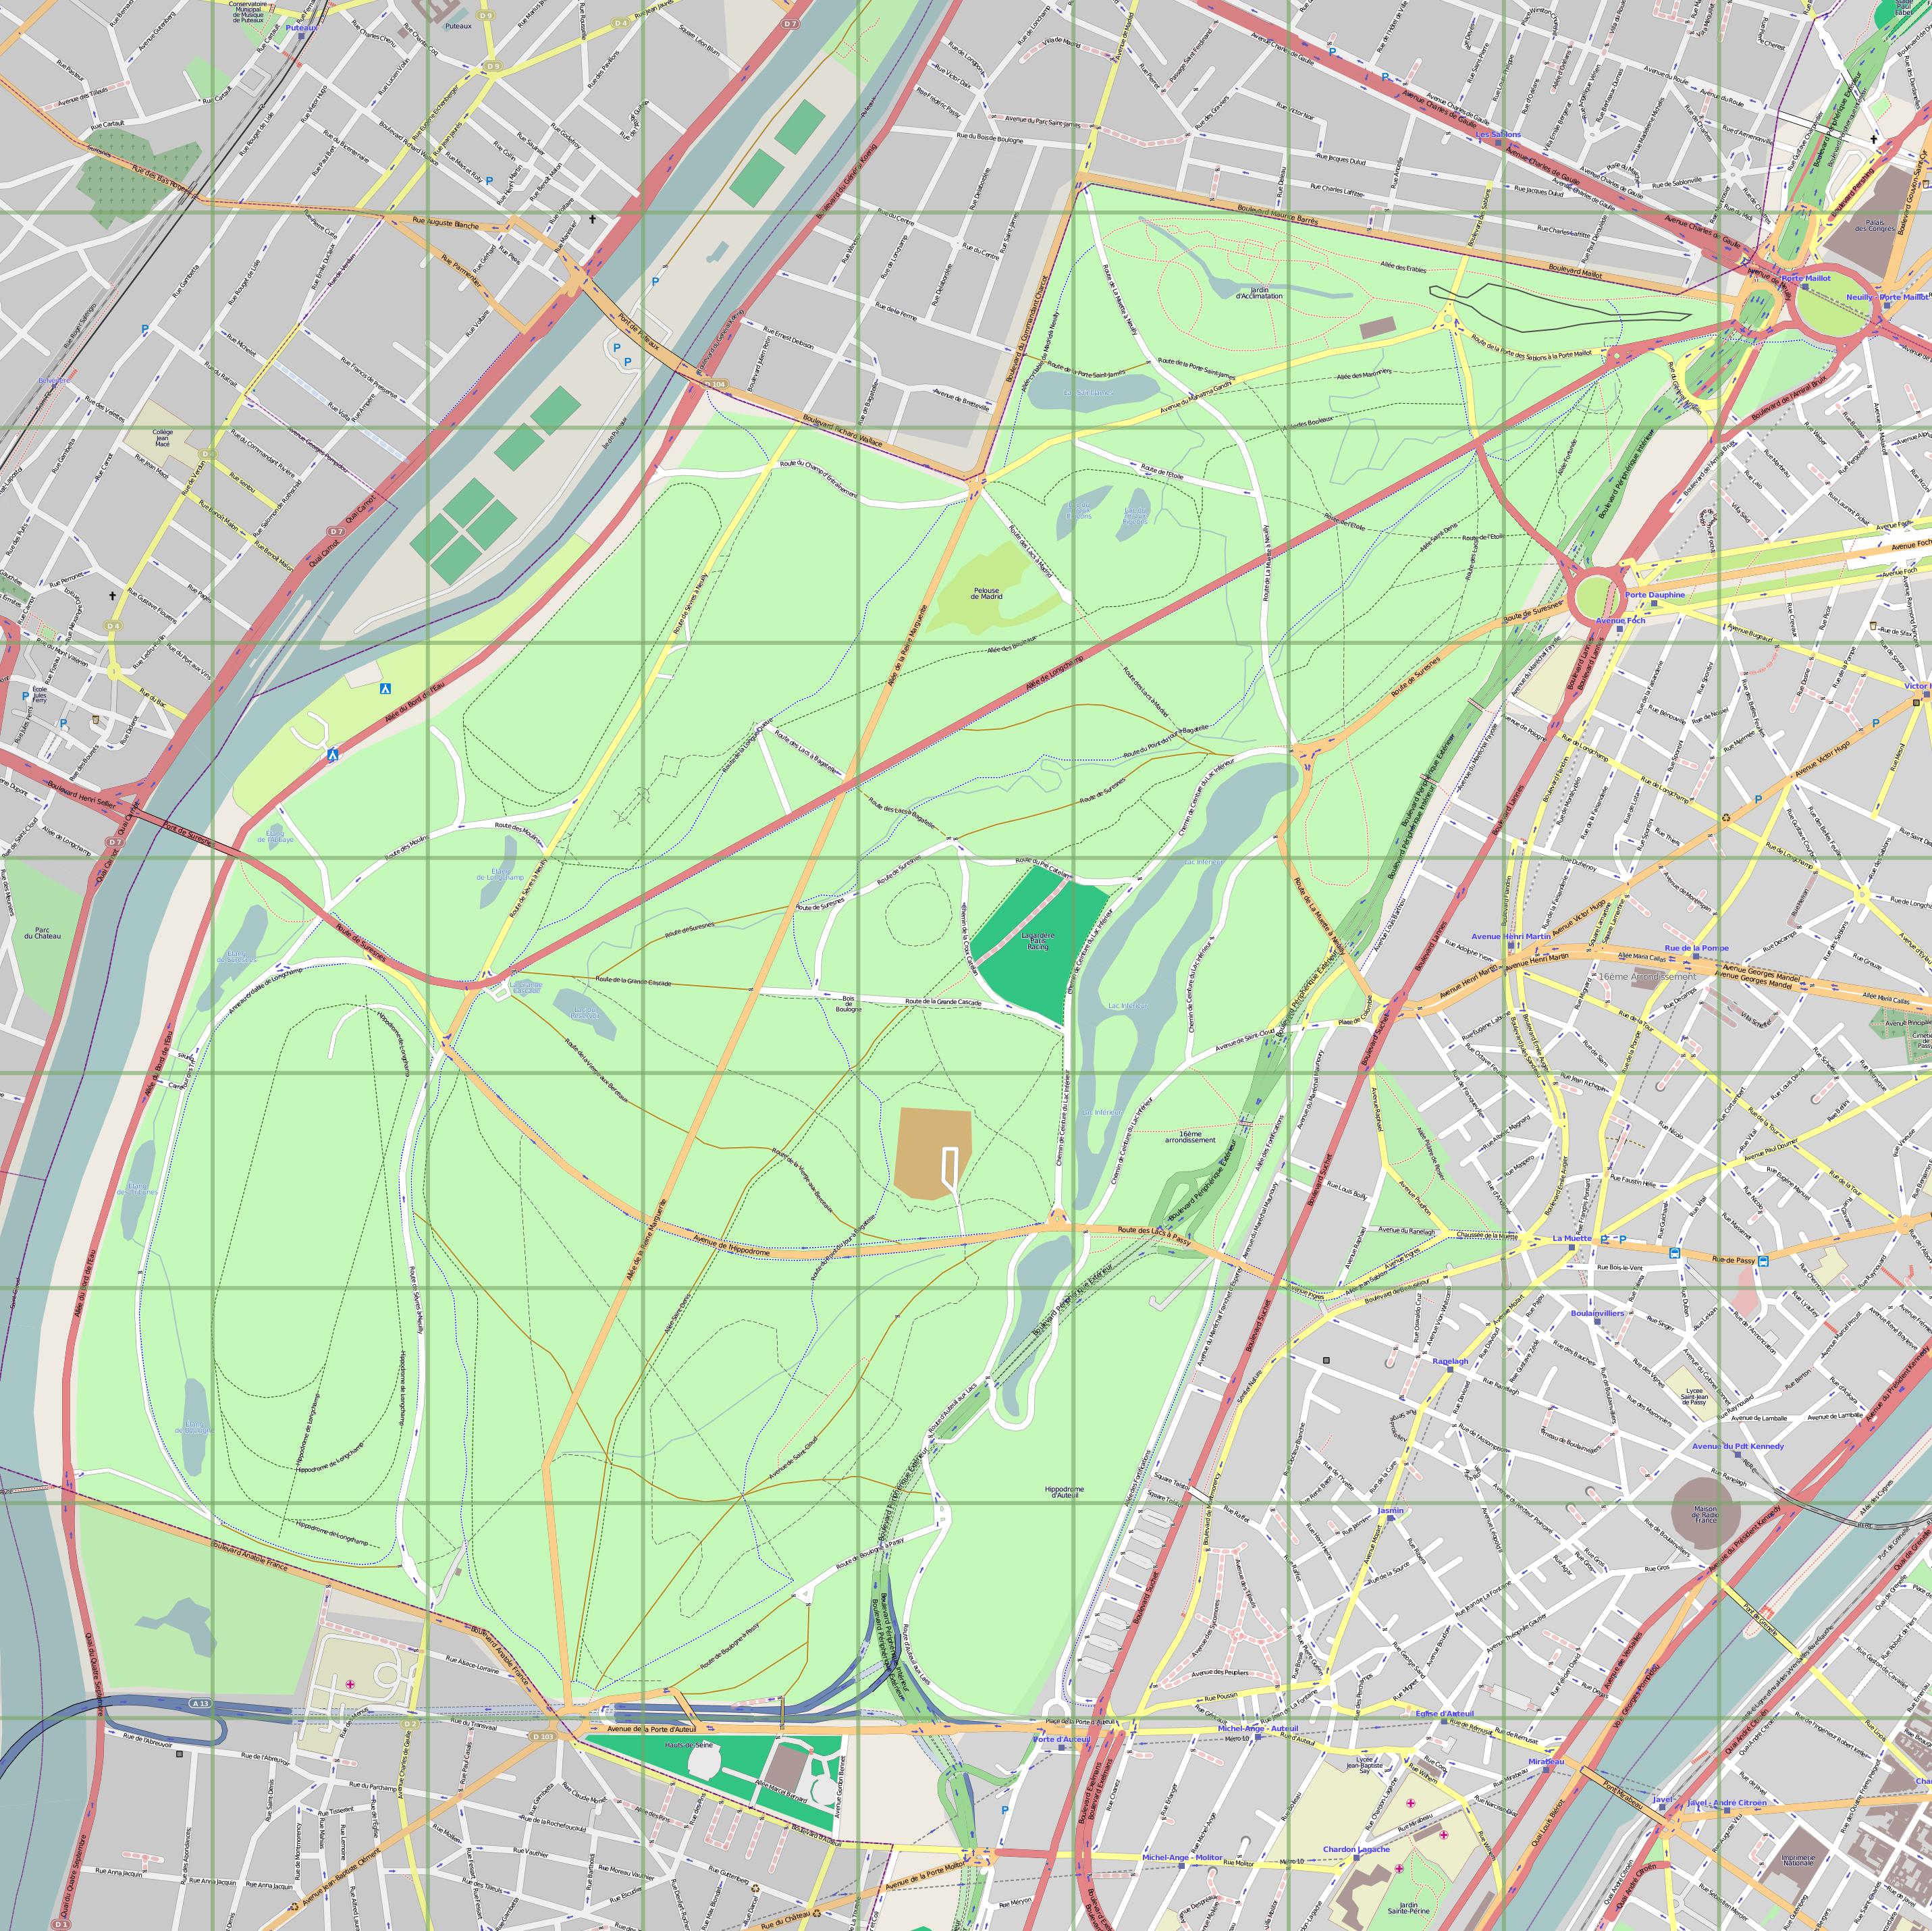 Image Bois De Boulogne : Bois De Boulogne Map